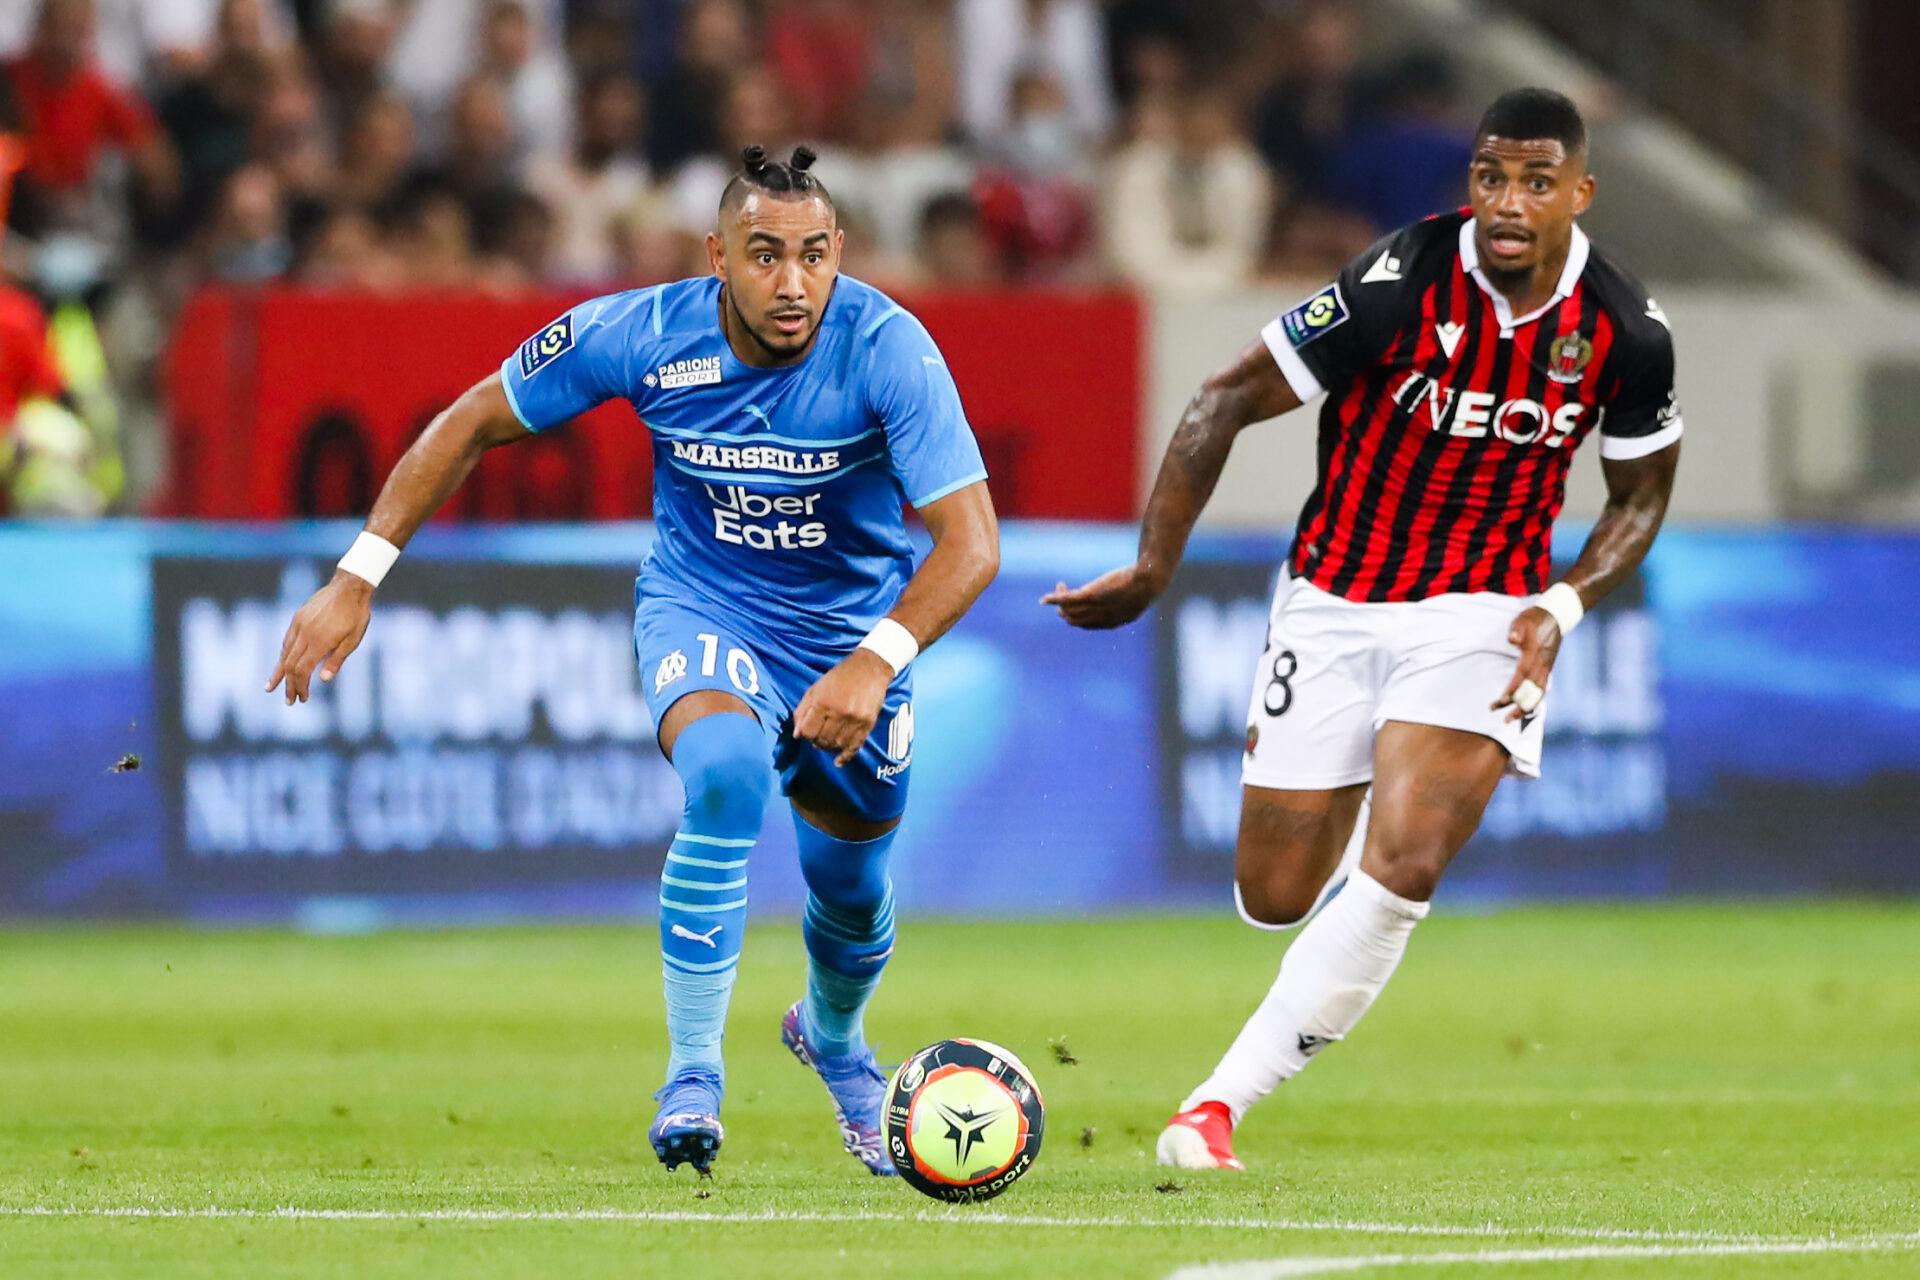 Nice et Marseille enchaîneront des matchs difficiles fin octobre (iconsport)